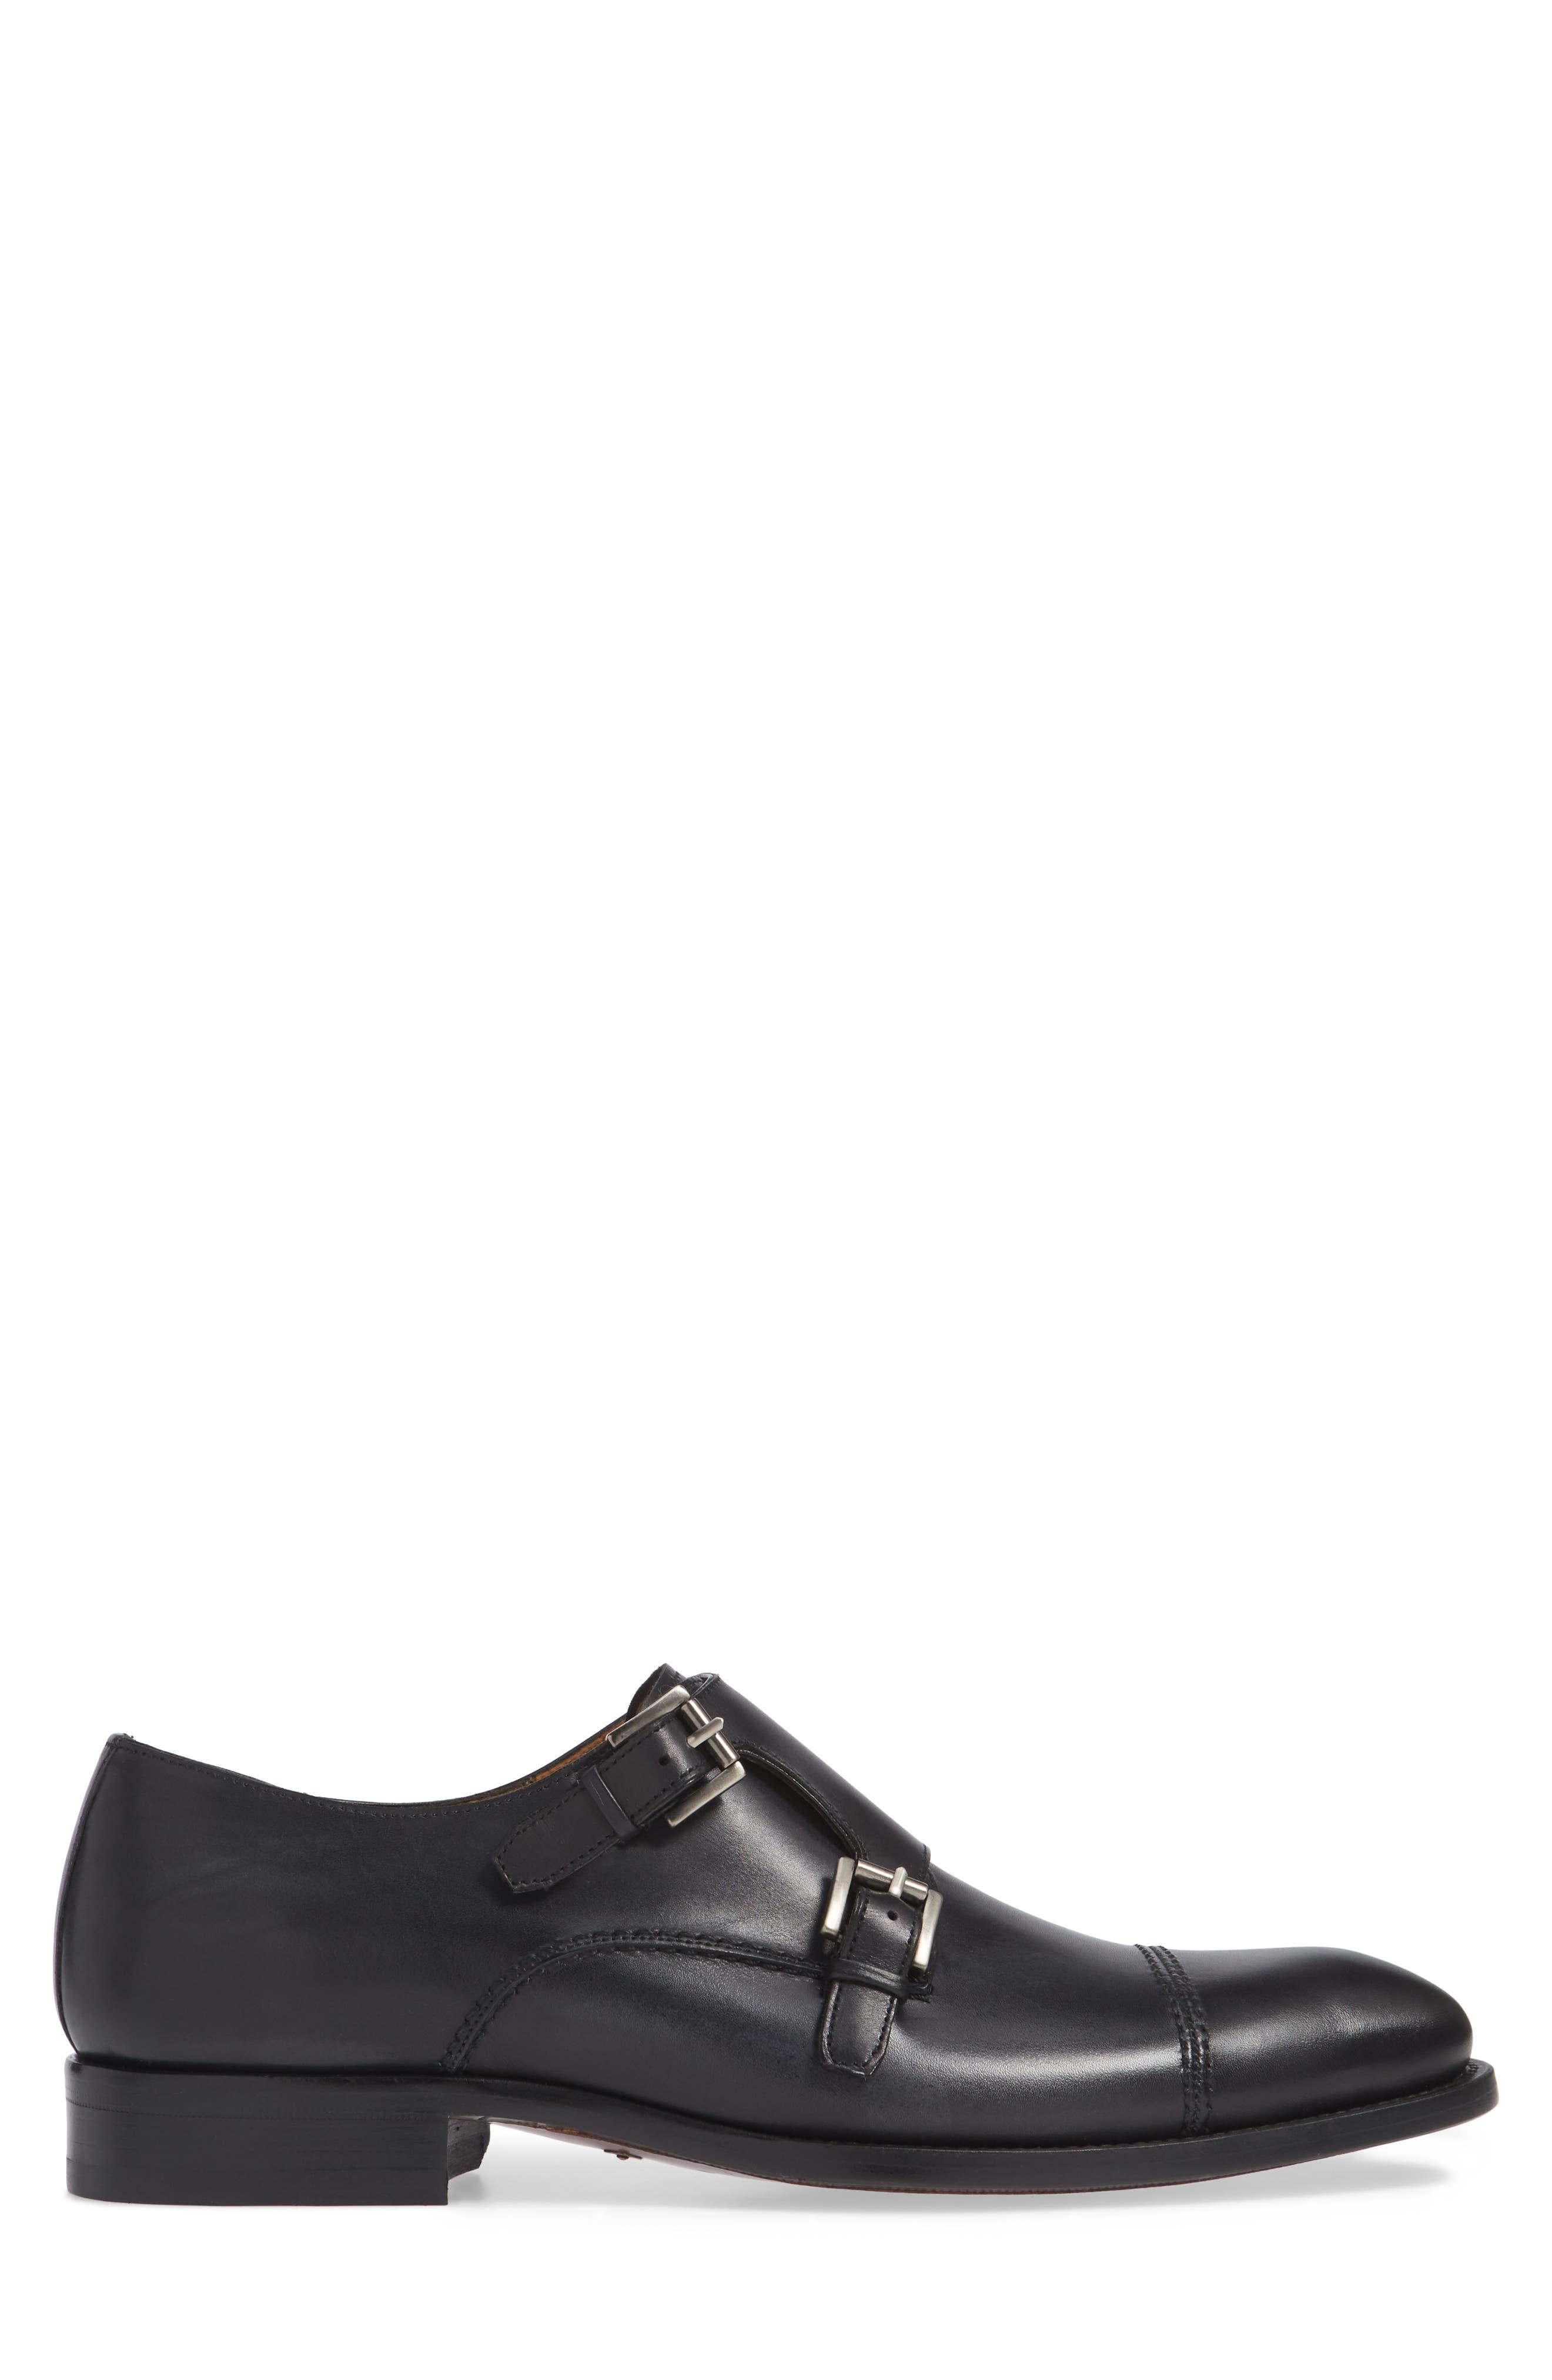 Acosta Double Strap Cap Toe Monk Shoe,                             Alternate thumbnail 3, color,                             BLACK LEATHER